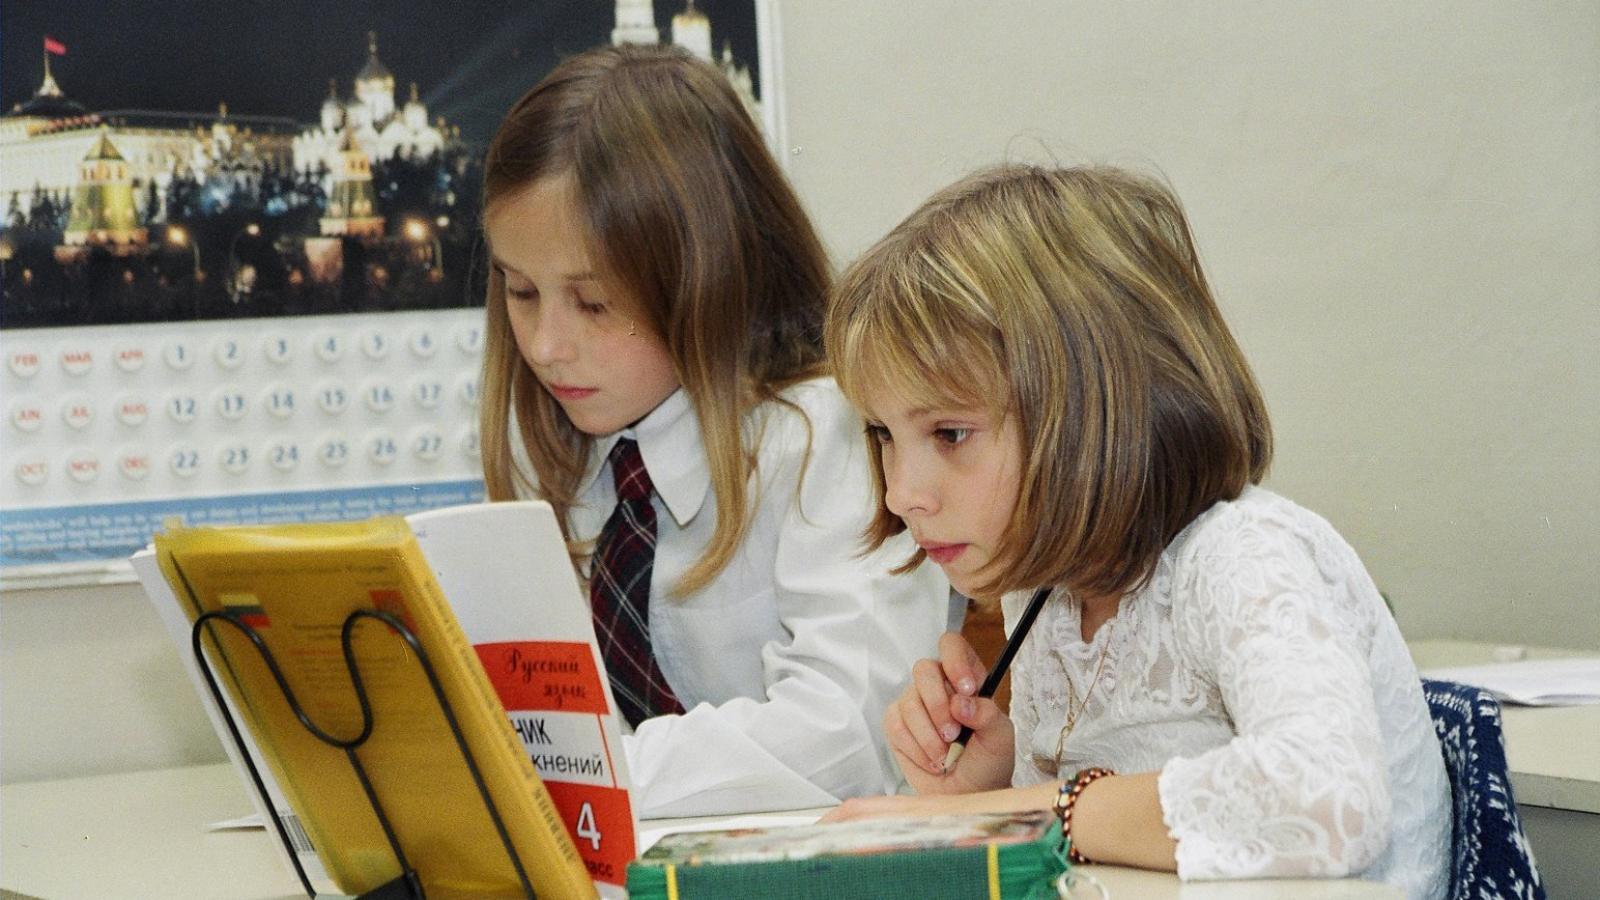 Школьники в Бабаевском районе смогут посещать занятия без школьной формы